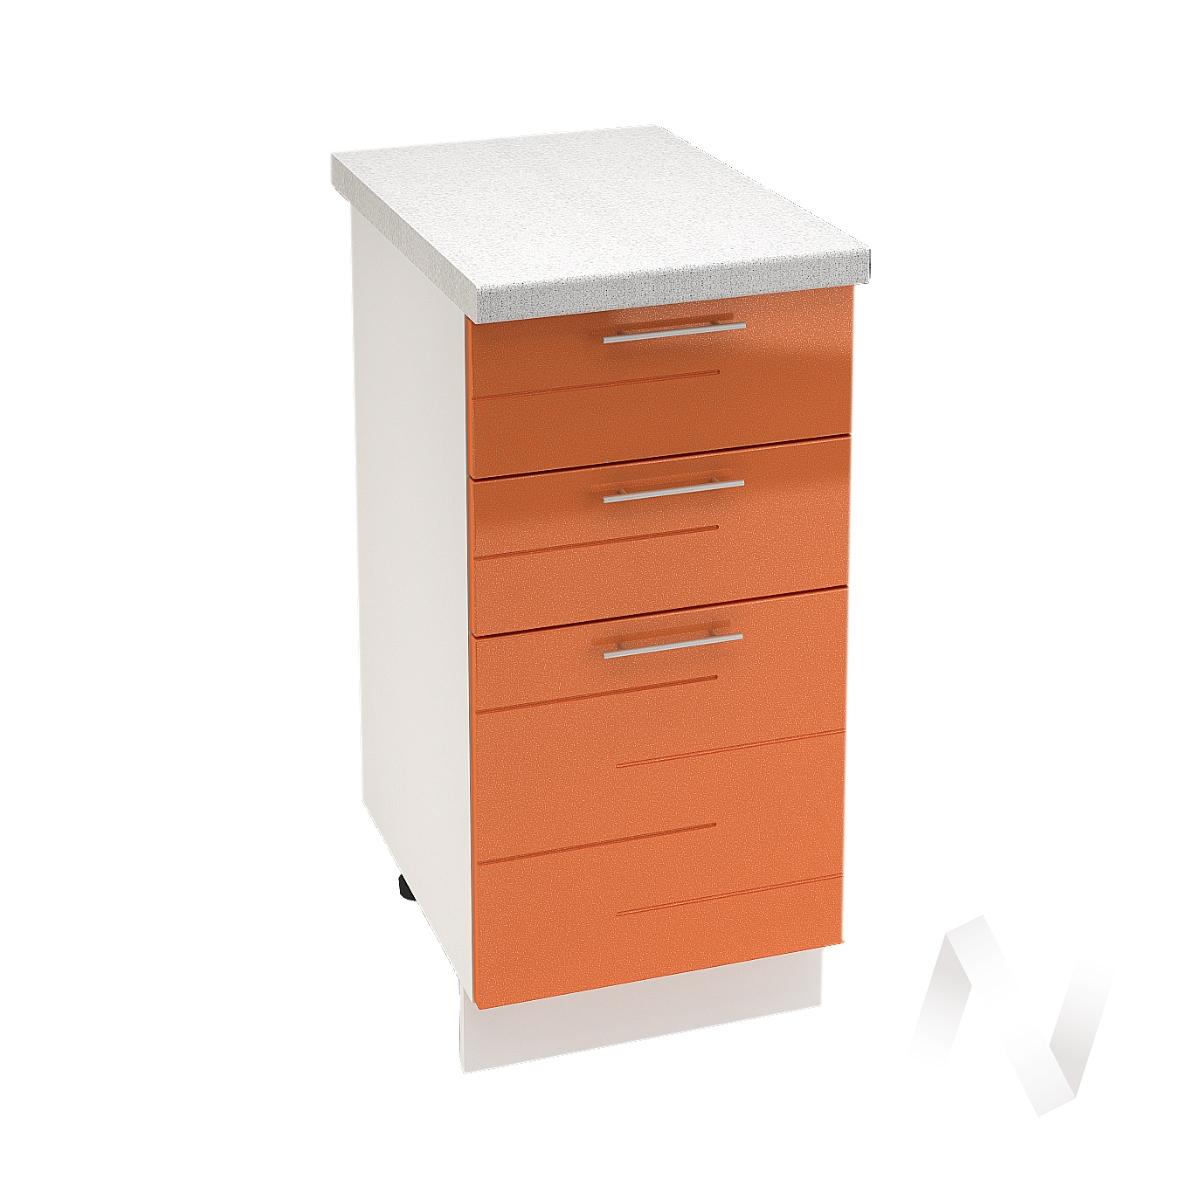 """Кухня """"Техно"""": Шкаф нижний с 3-мя ящиками 400, ШН3Я 400 (корпус белый)"""